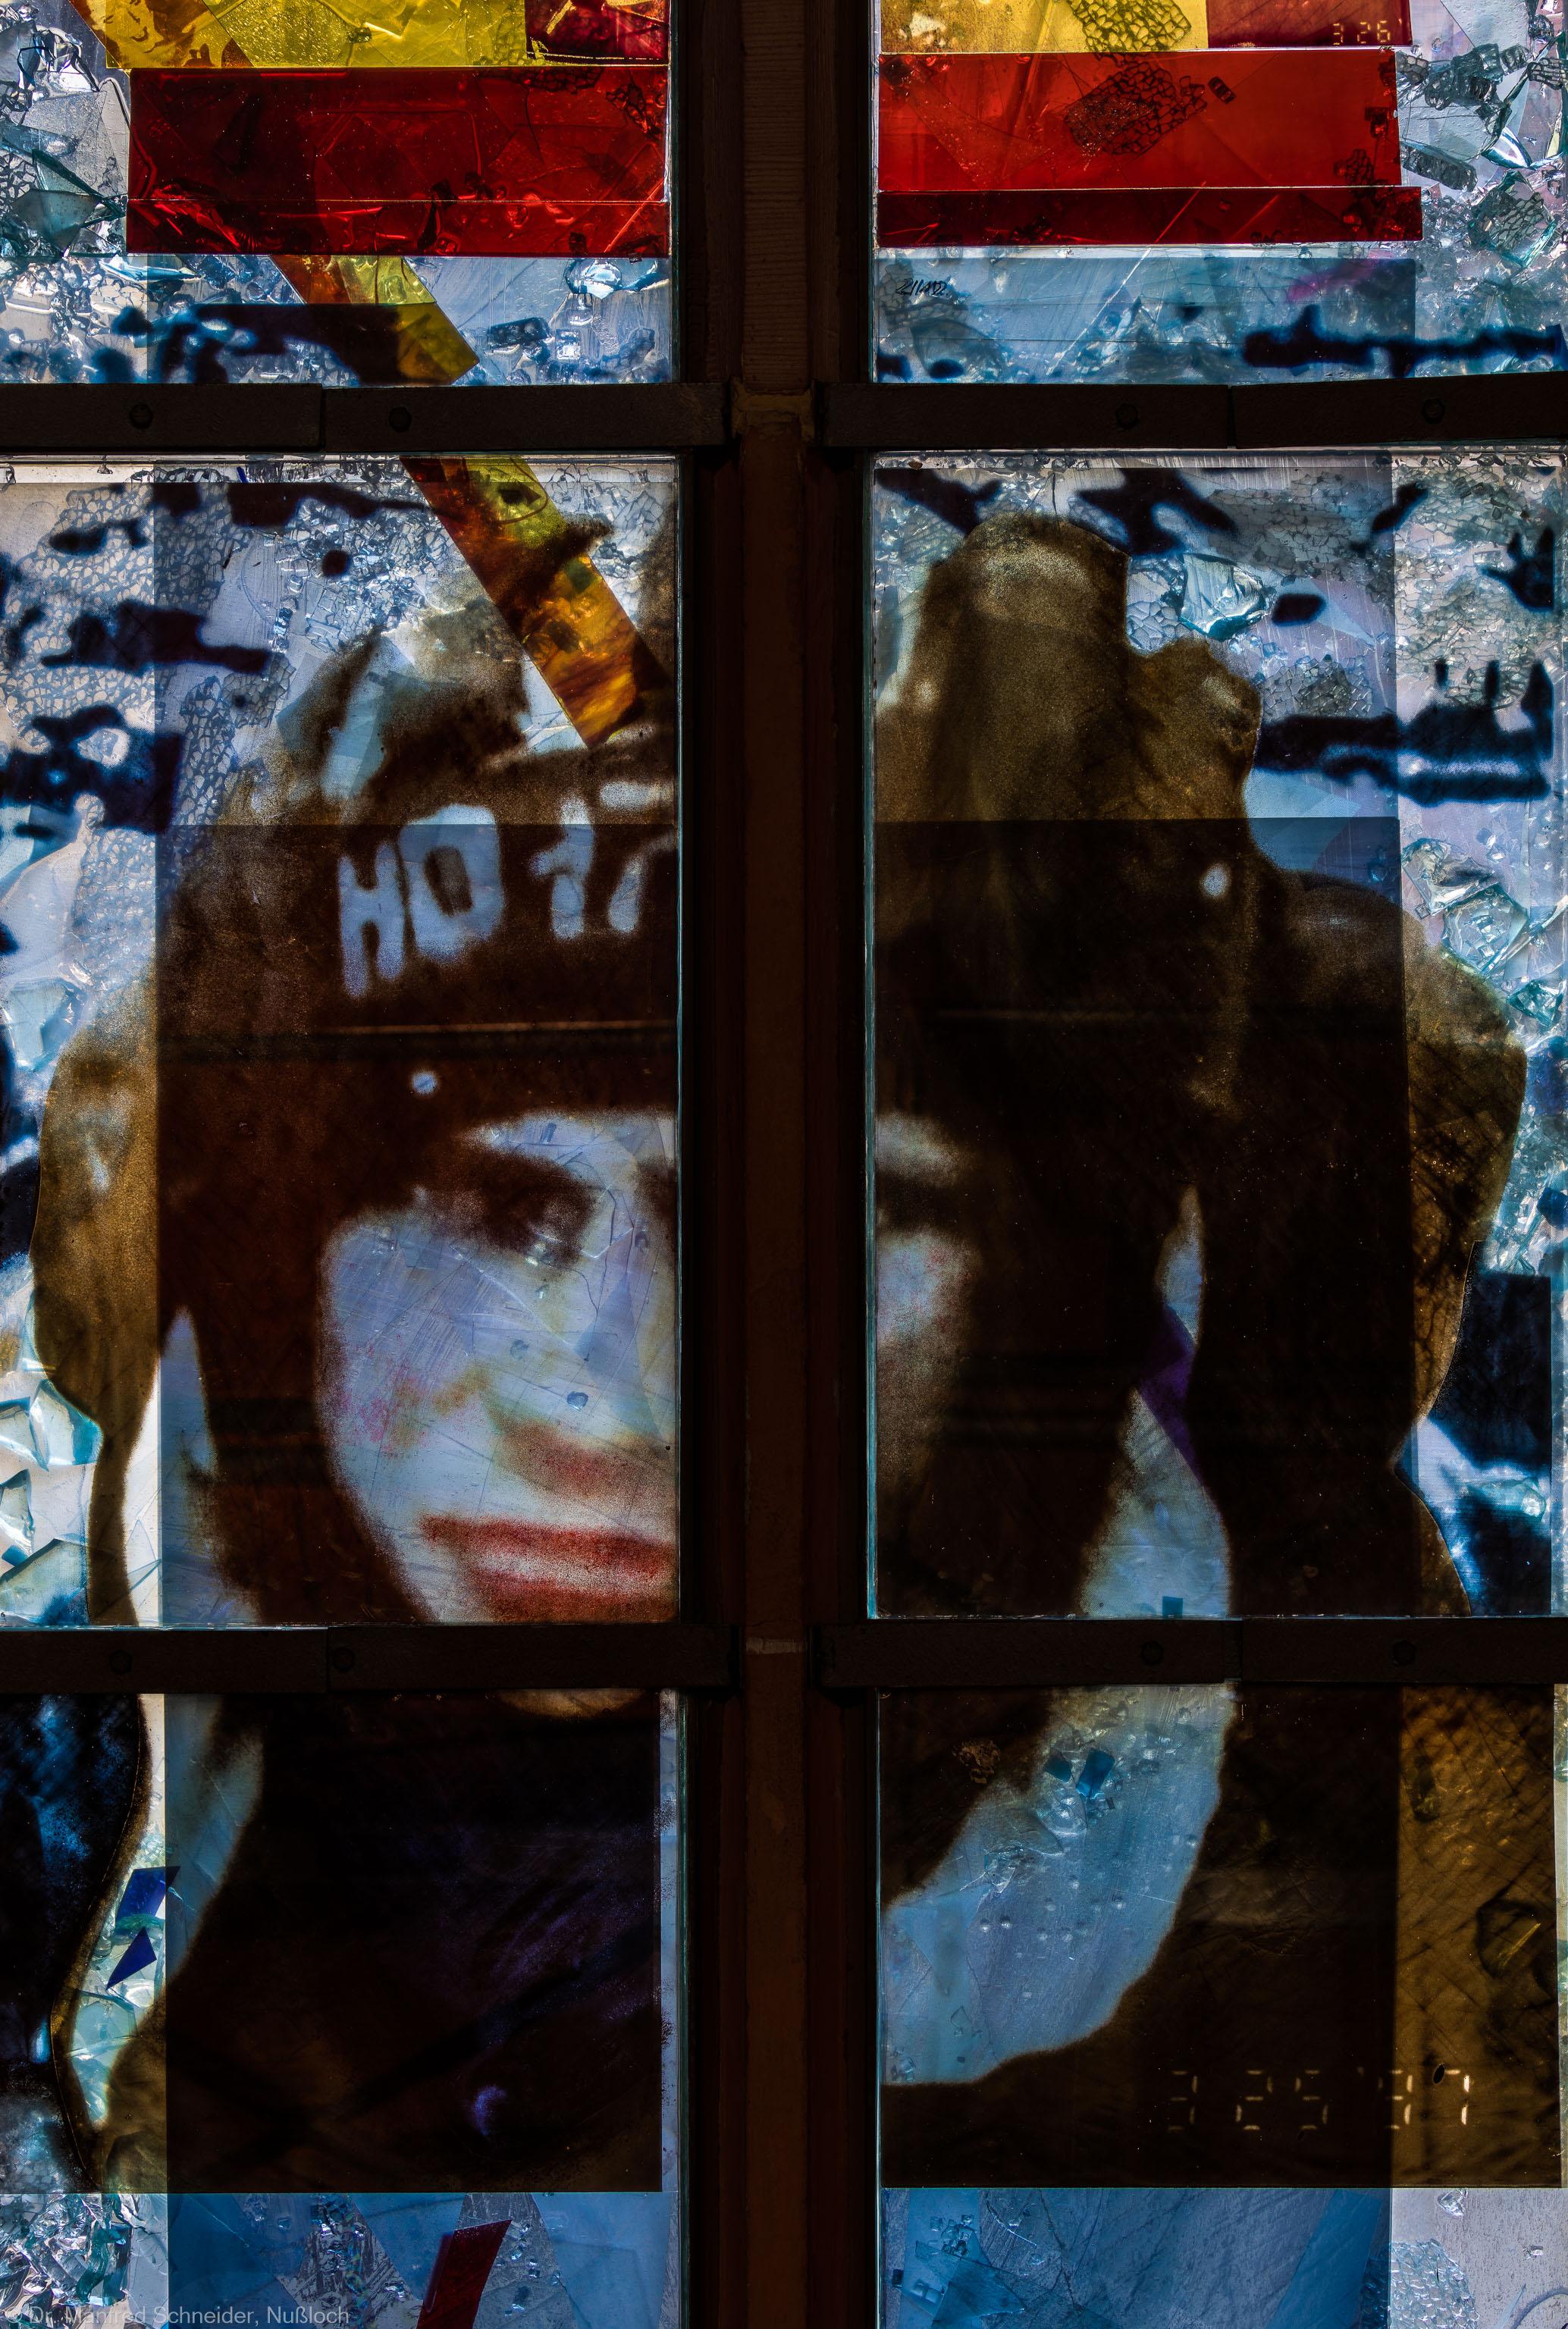 """Heidelberg - Heiliggeistkirche - Nordschiff - 2. Joch, von Westen aus gezählt - Ausschnitt aus dem Fenster """"Schöpfungsgeschichte - Gottes Geist über dem Chaos"""" von Hella De Santarossa (aufgenommen im Oktober 2015, am frühen Nachmittag)"""